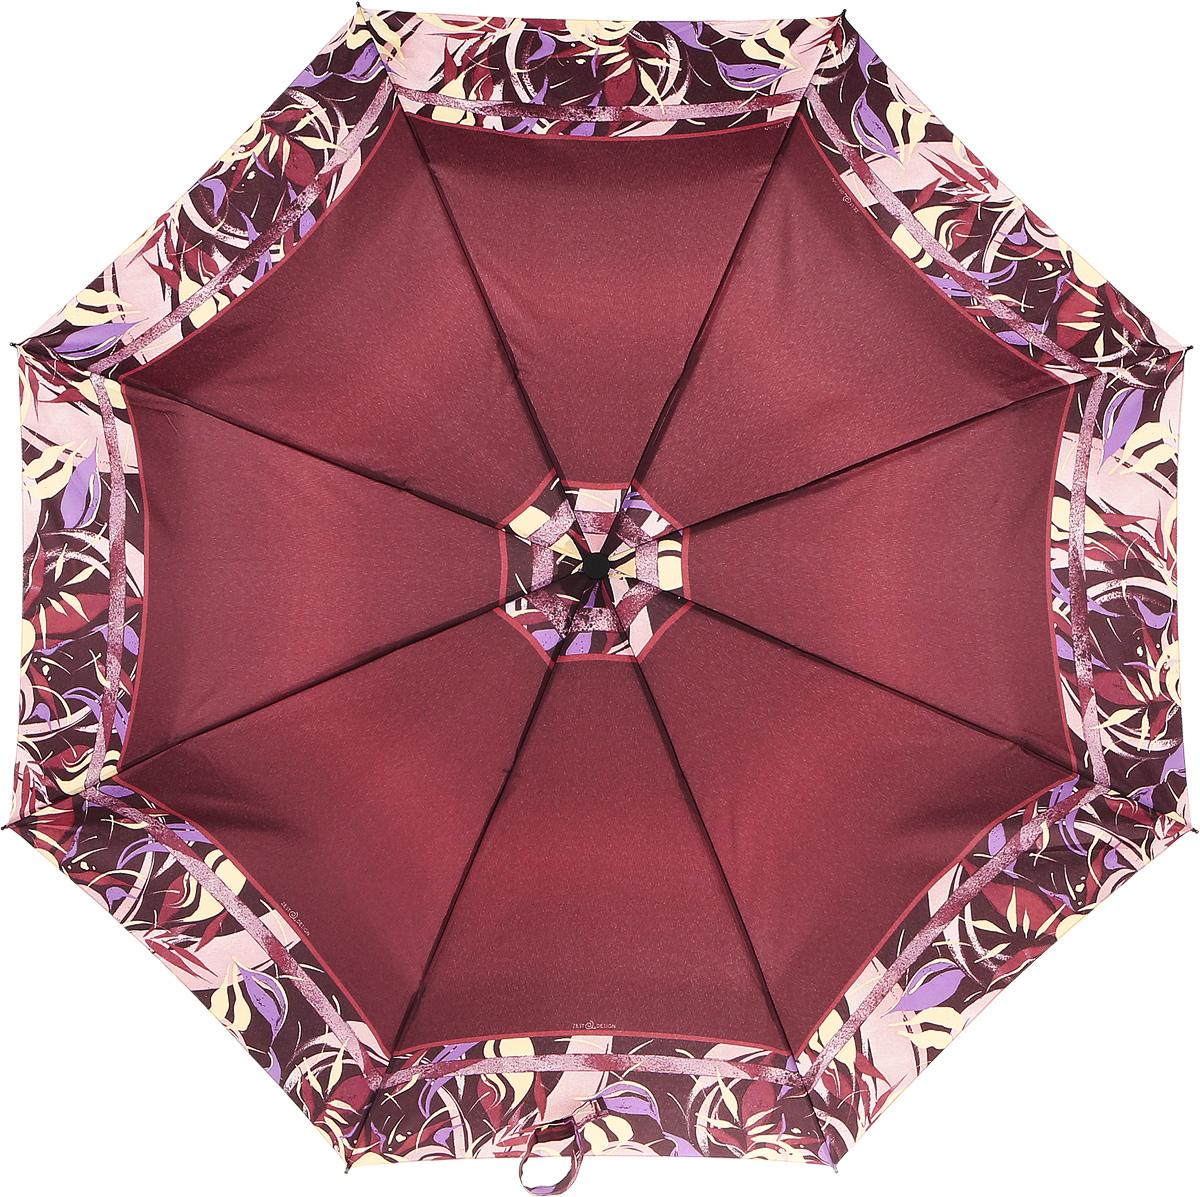 Зонт женский Airton, автомат, 3 сложения, цвет: бордовый, бежевый. 39155-69 зонт airton 3917 8028 полный автомат женский